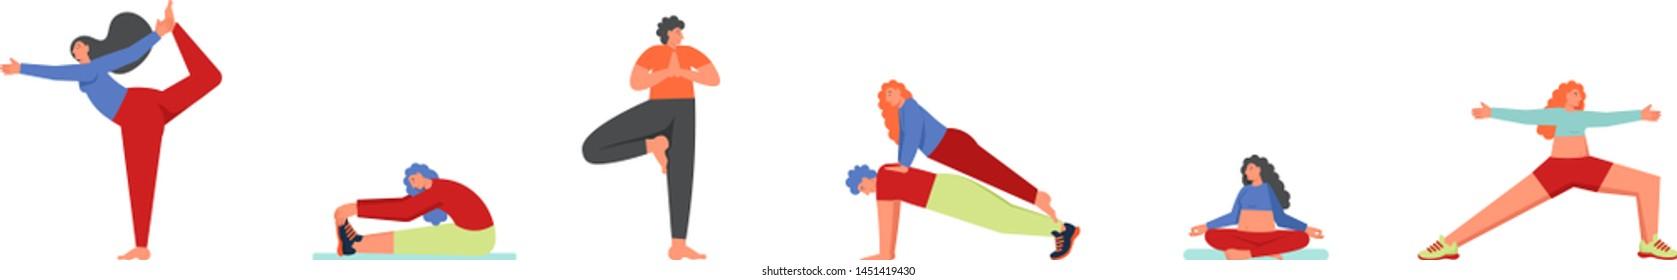 People doing yoga asanas, vector flat style design illustration isolated on white background. Tree, Plank, Sukhasana, Warrior 2, Lord of the dance yoga poses.